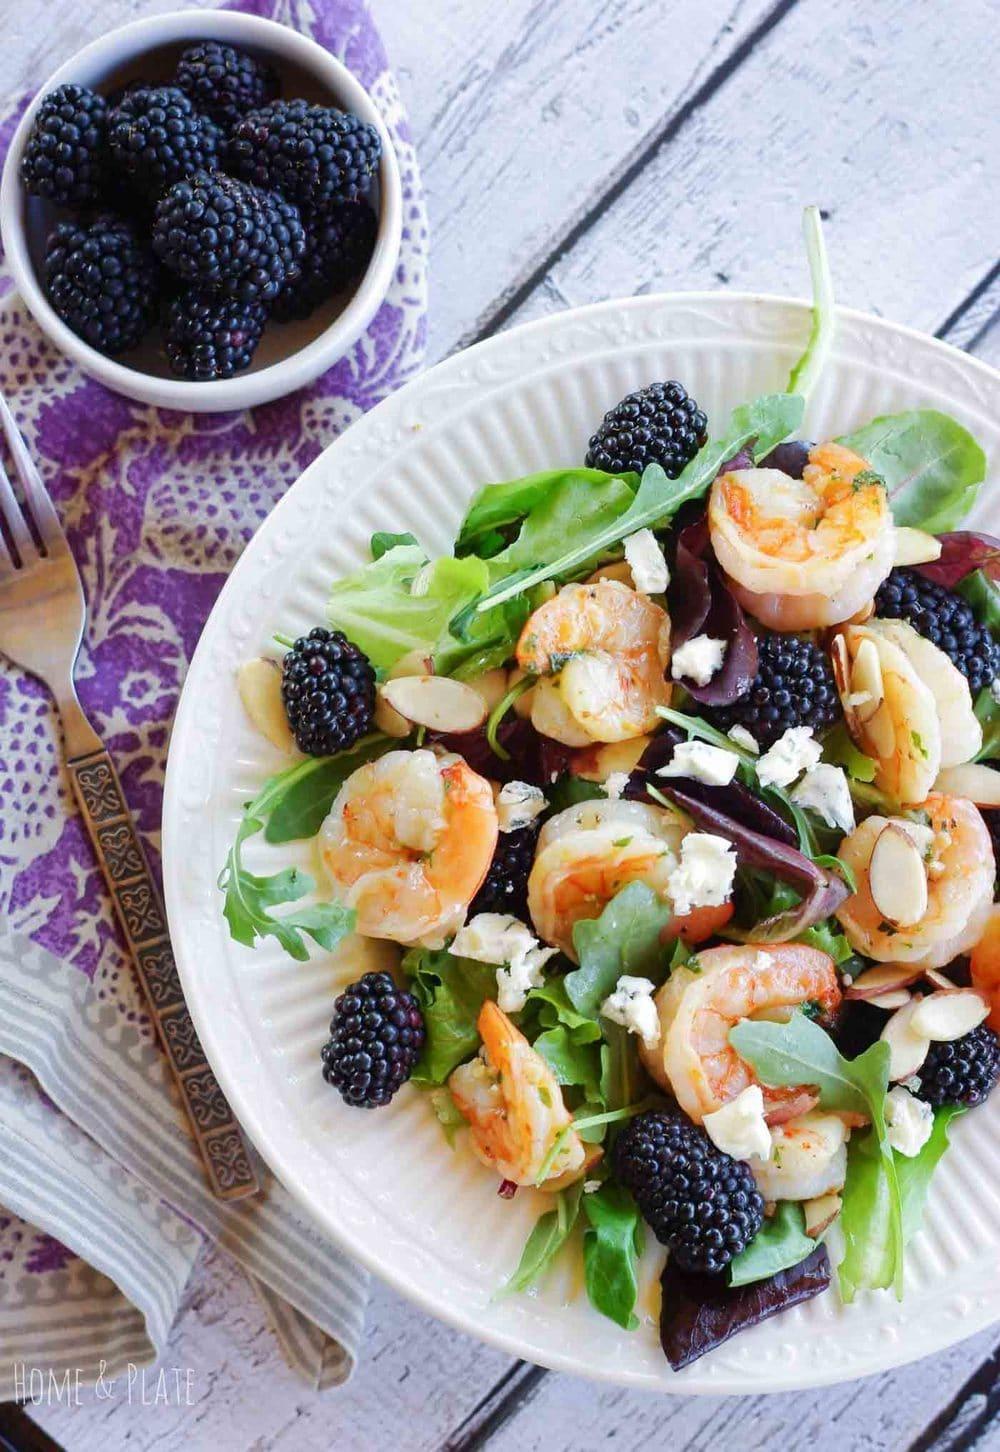 Grilled Shrimp Salad with Blackberries